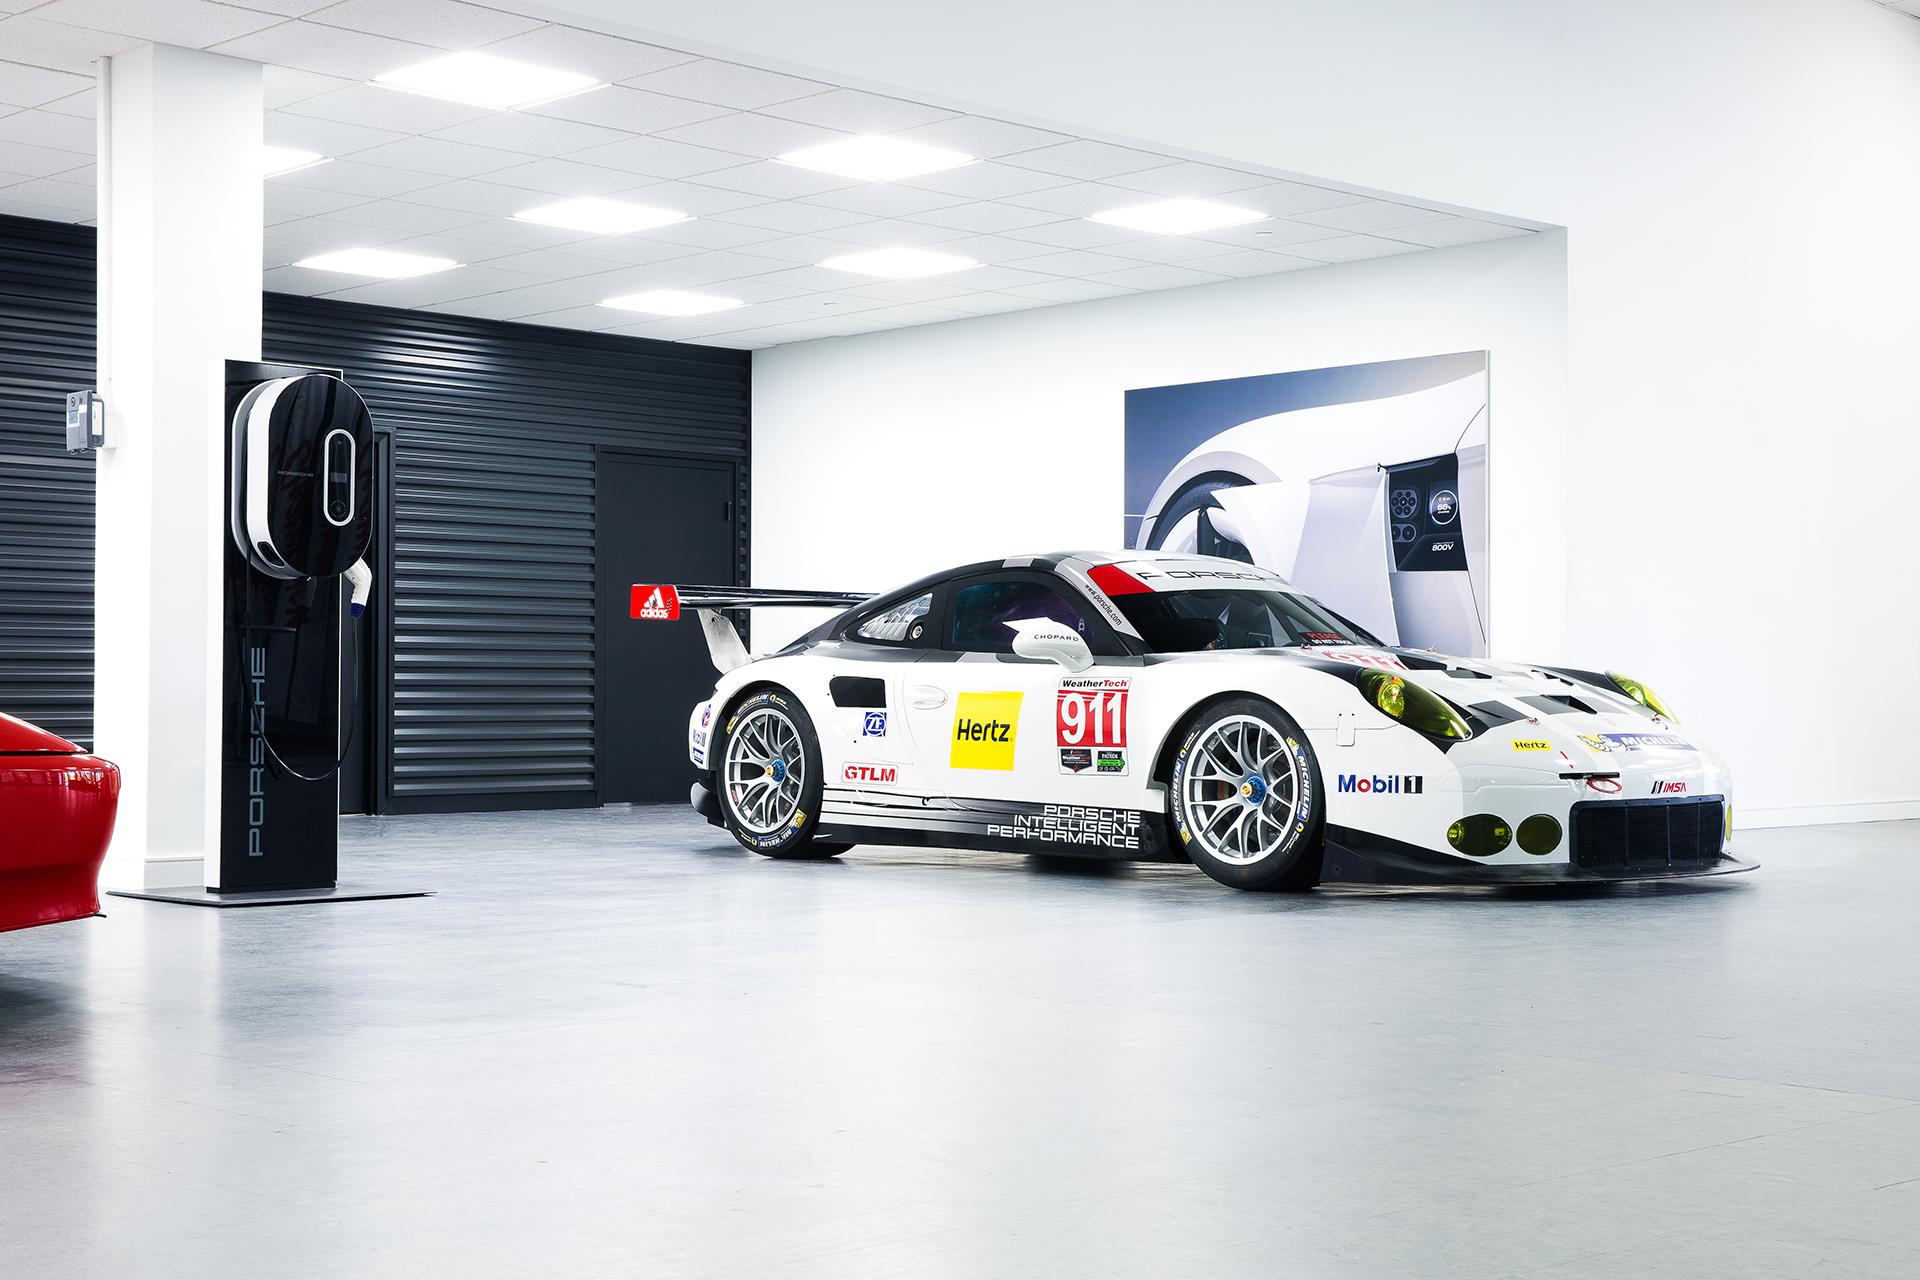 RSR Racecar